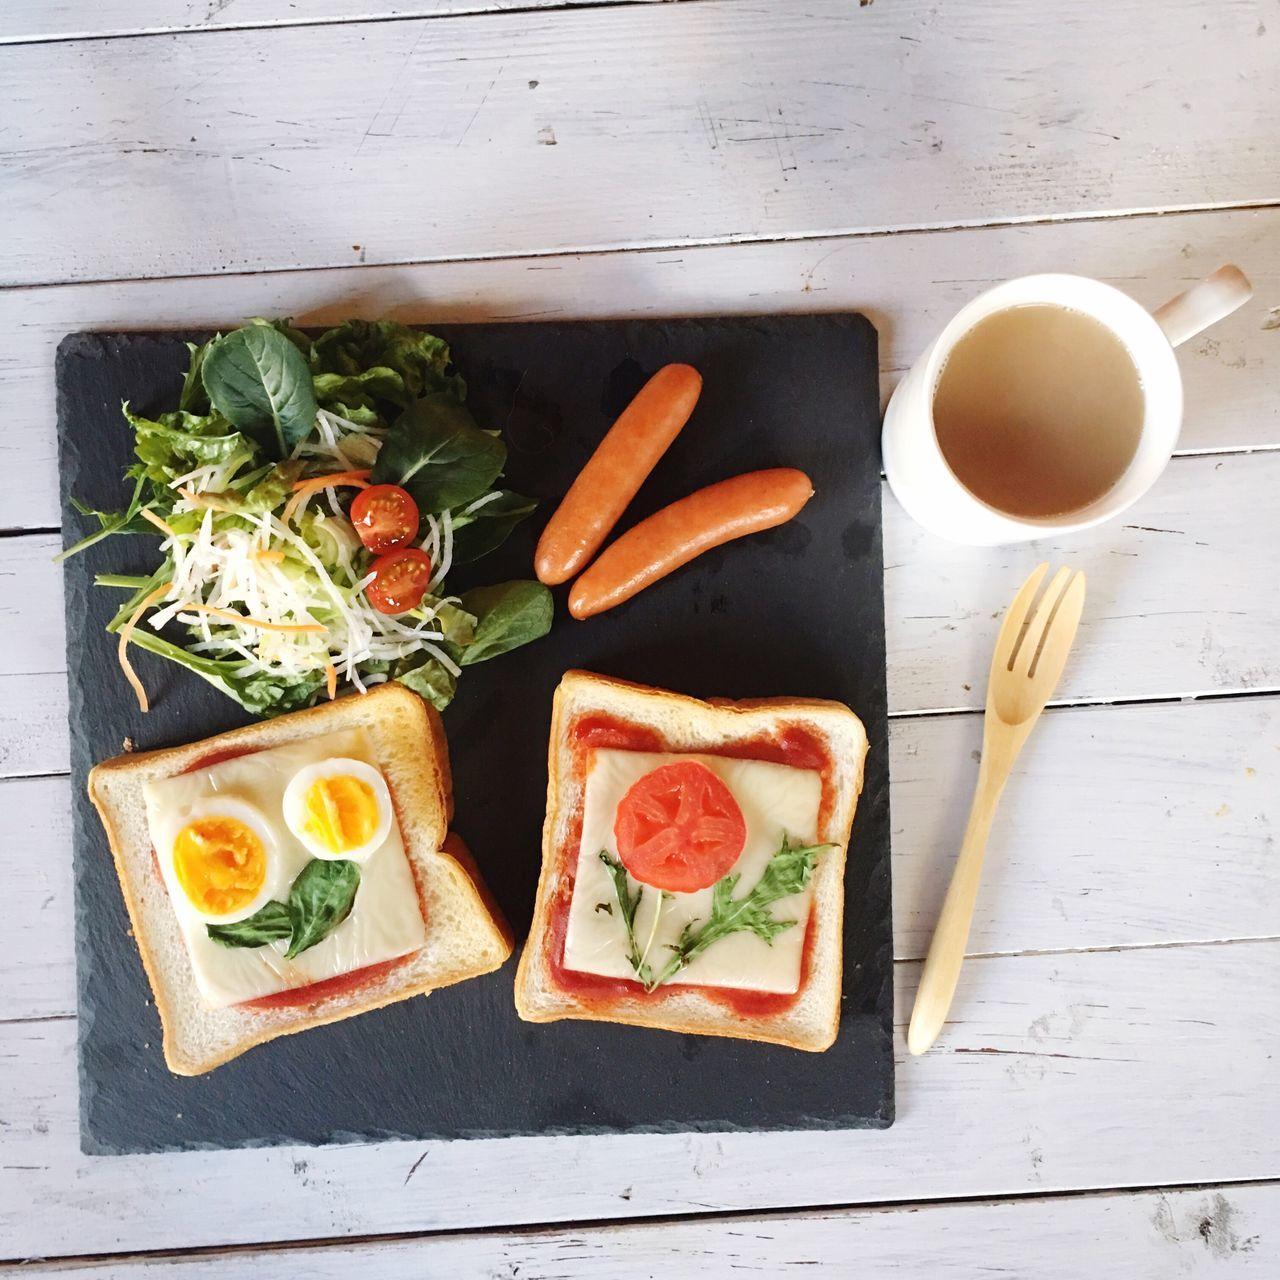 お花トースト 朝ごはん パパめし シングルパパ Breakfast Onthetable あさごはん ブルックリンスレート おはよう